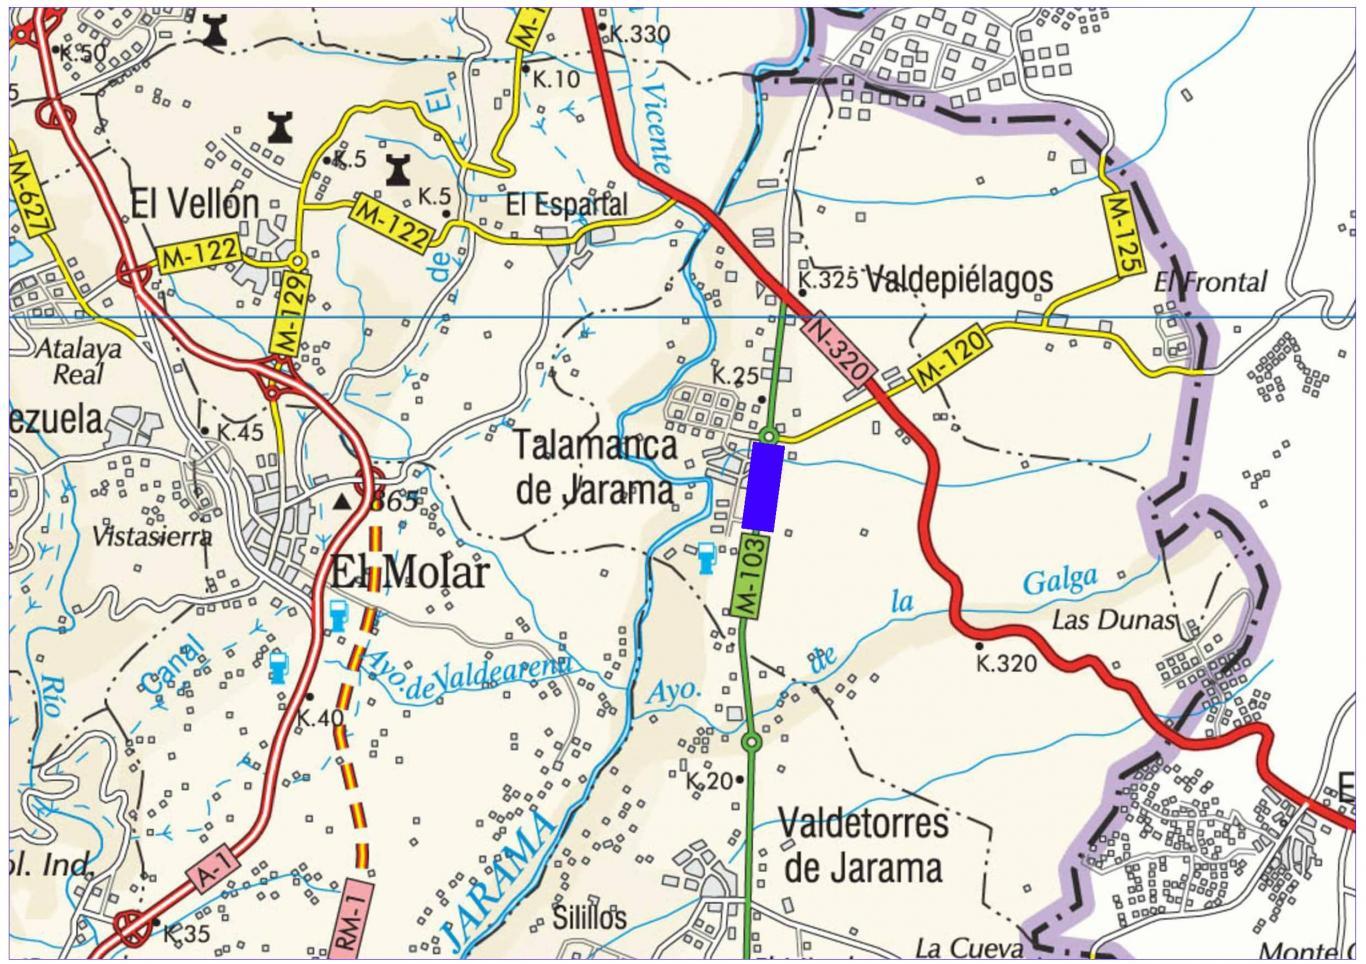 Plano de situación de la obra M-103 pk 24-25